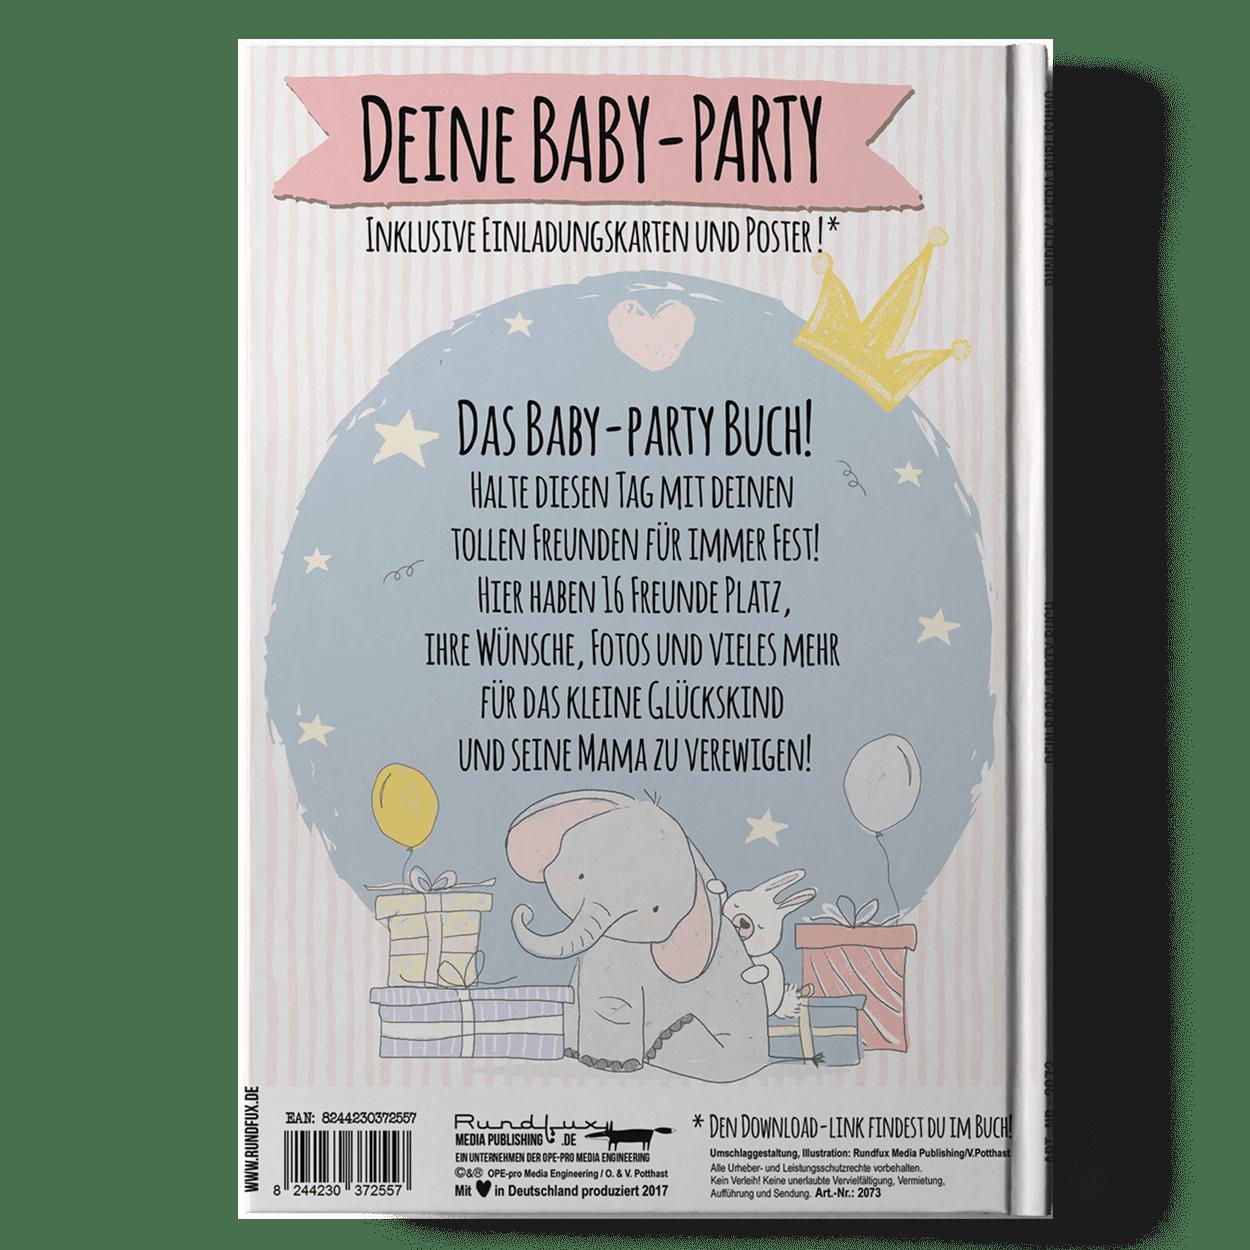 Das Baby Party Buch Ein Einzigartiges Geschenk Zur Babyshower Party Babyparty Einladungskarten Babyparty Babyshower Party